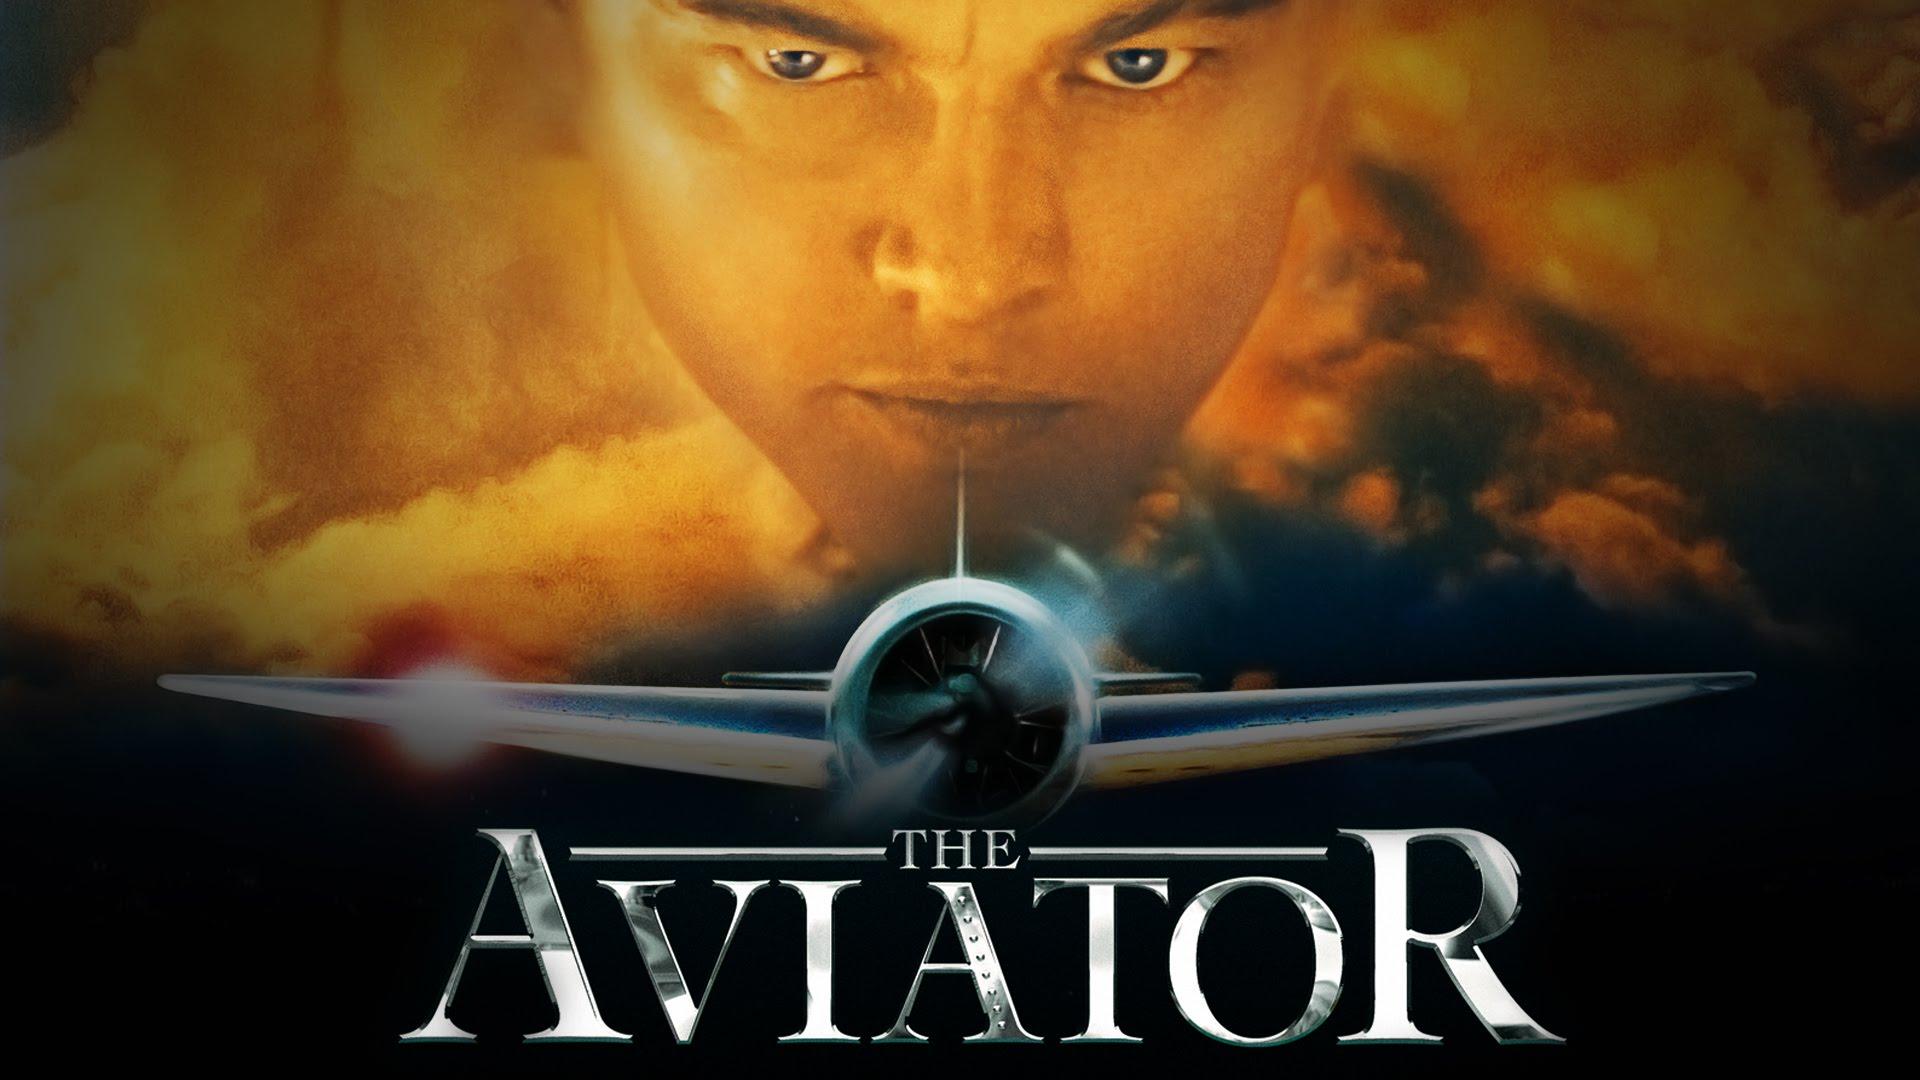 The Aviator – A Dream Catcher